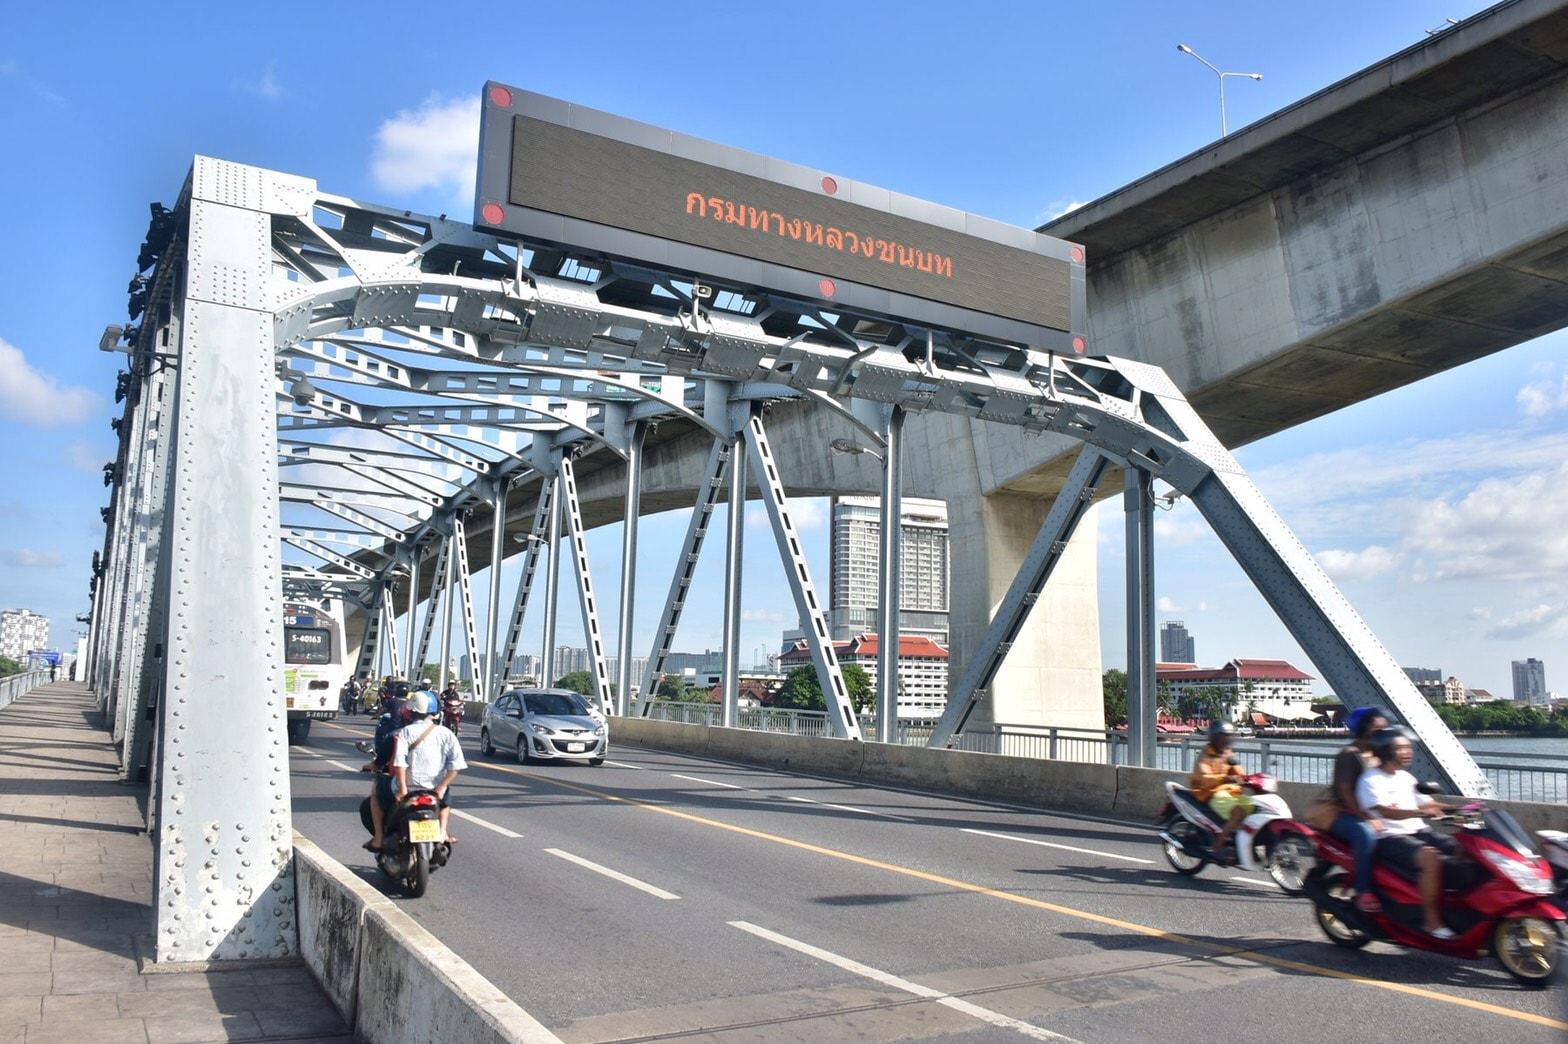 กรมทางหลวงชนบท ปิดสะพาน ปิดสะพานกรุงเทพ